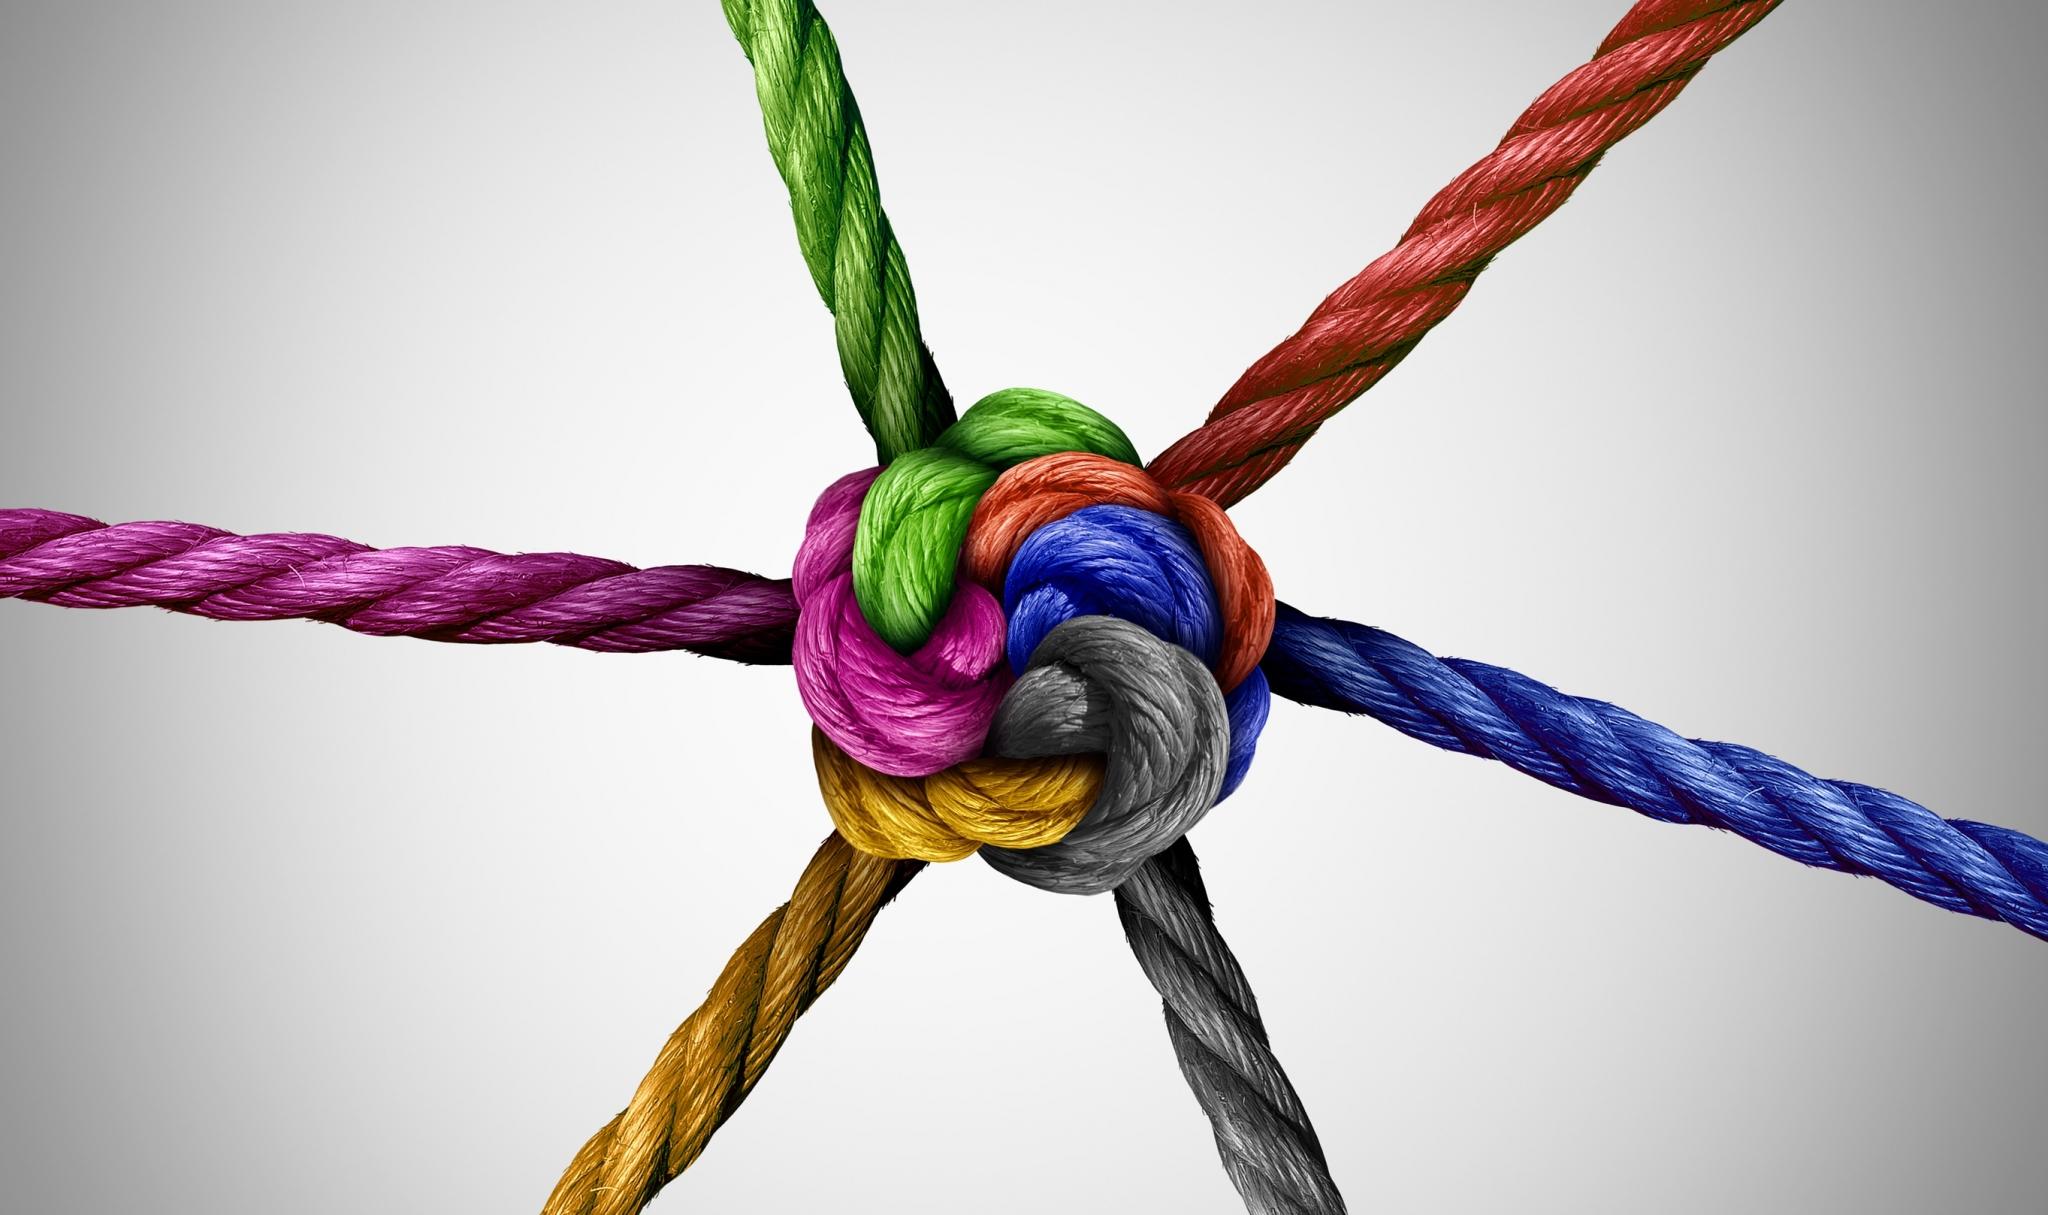 برقراری ارتباط موثر با کارمندان - مهارتهای ارتباطی مدیر